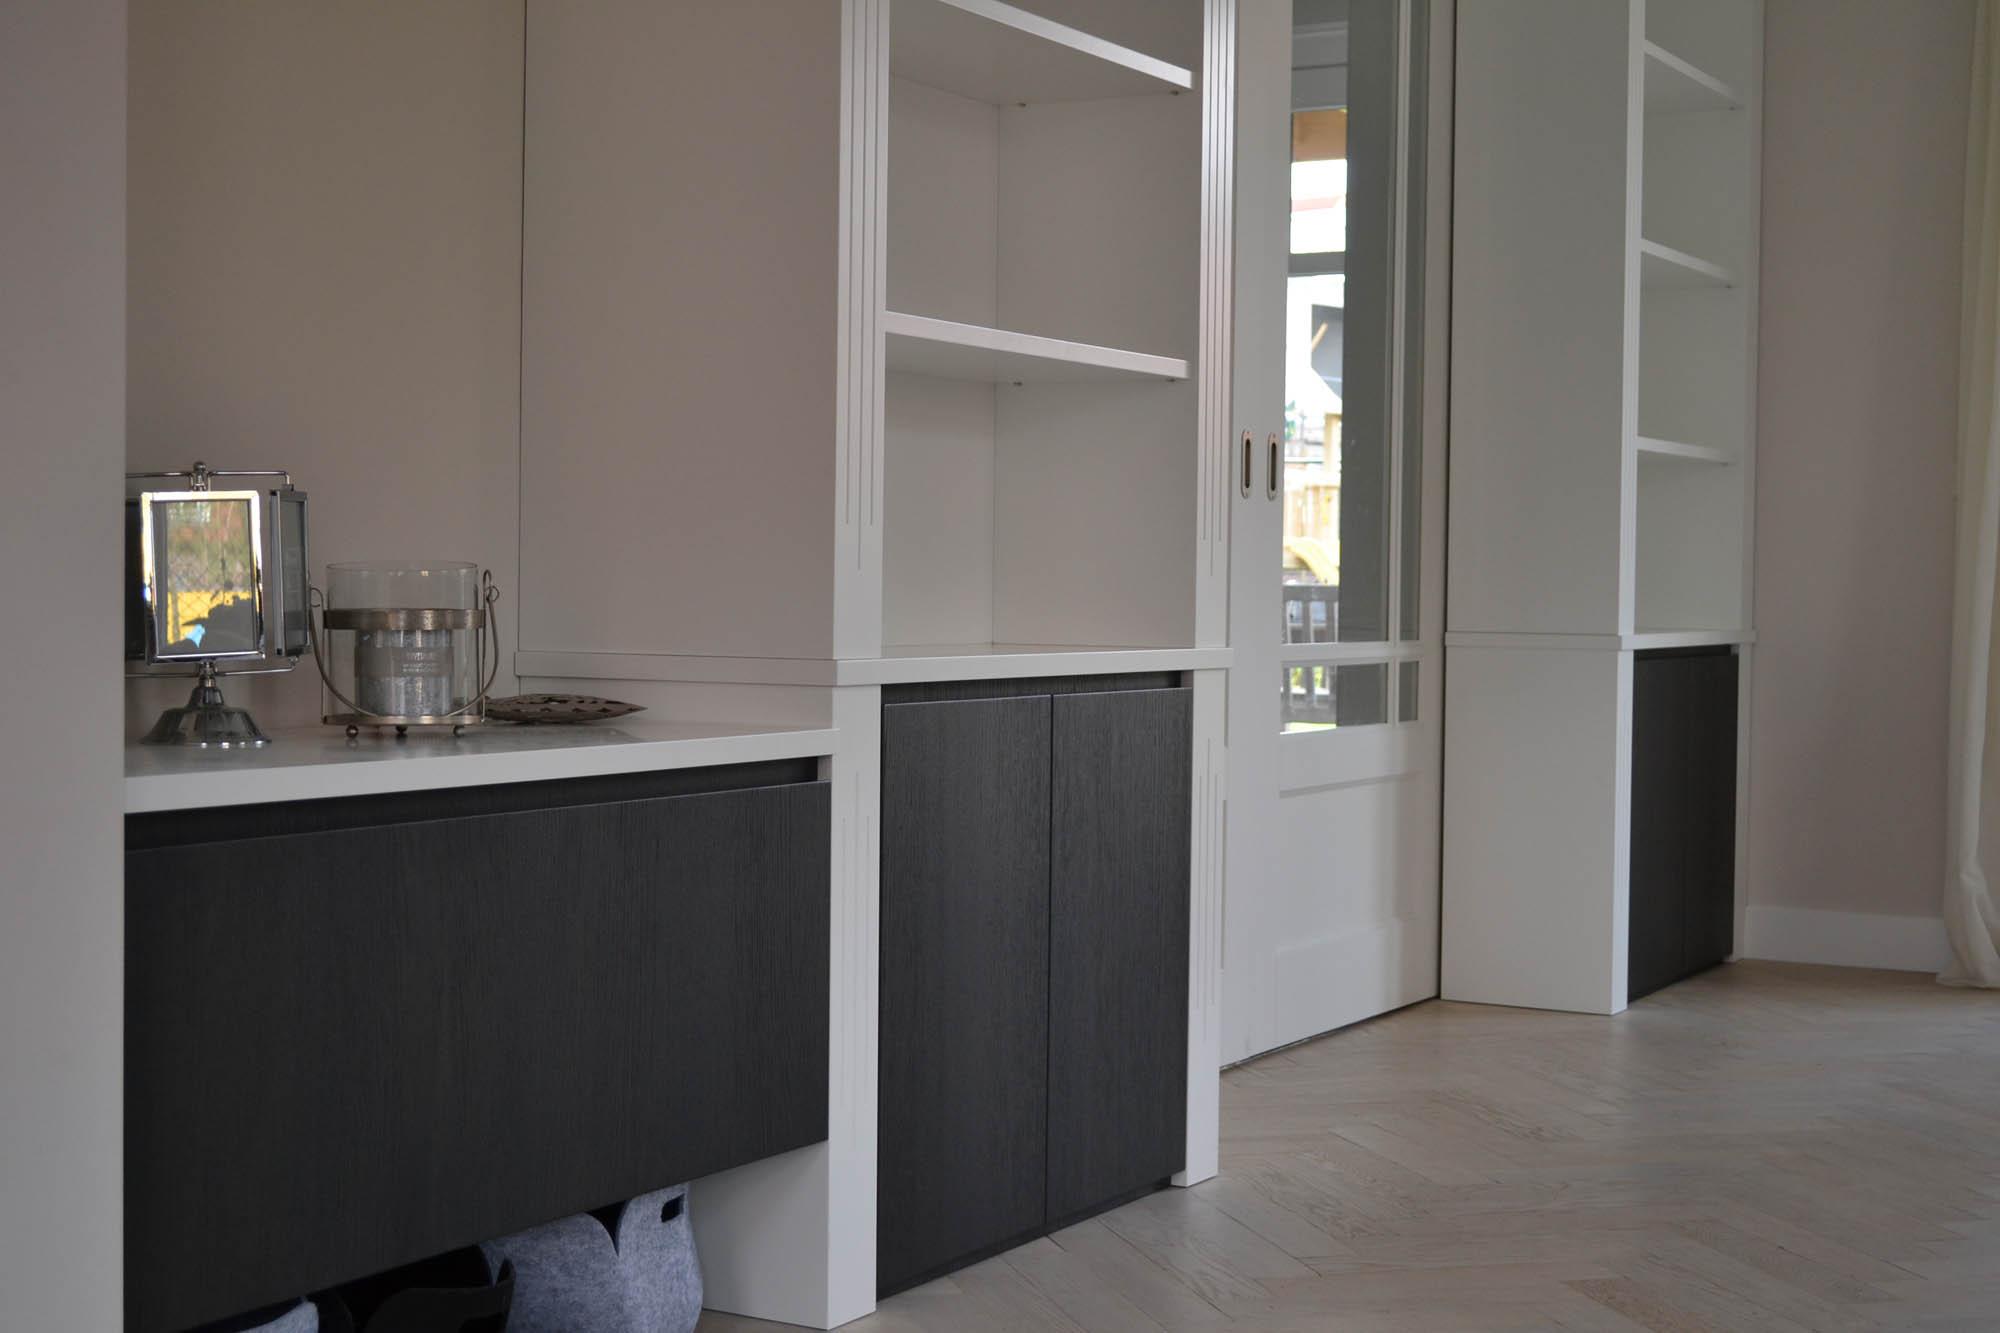 Muur ontwerp woonkamer grijs groene - Woonkamer muur grijs ...